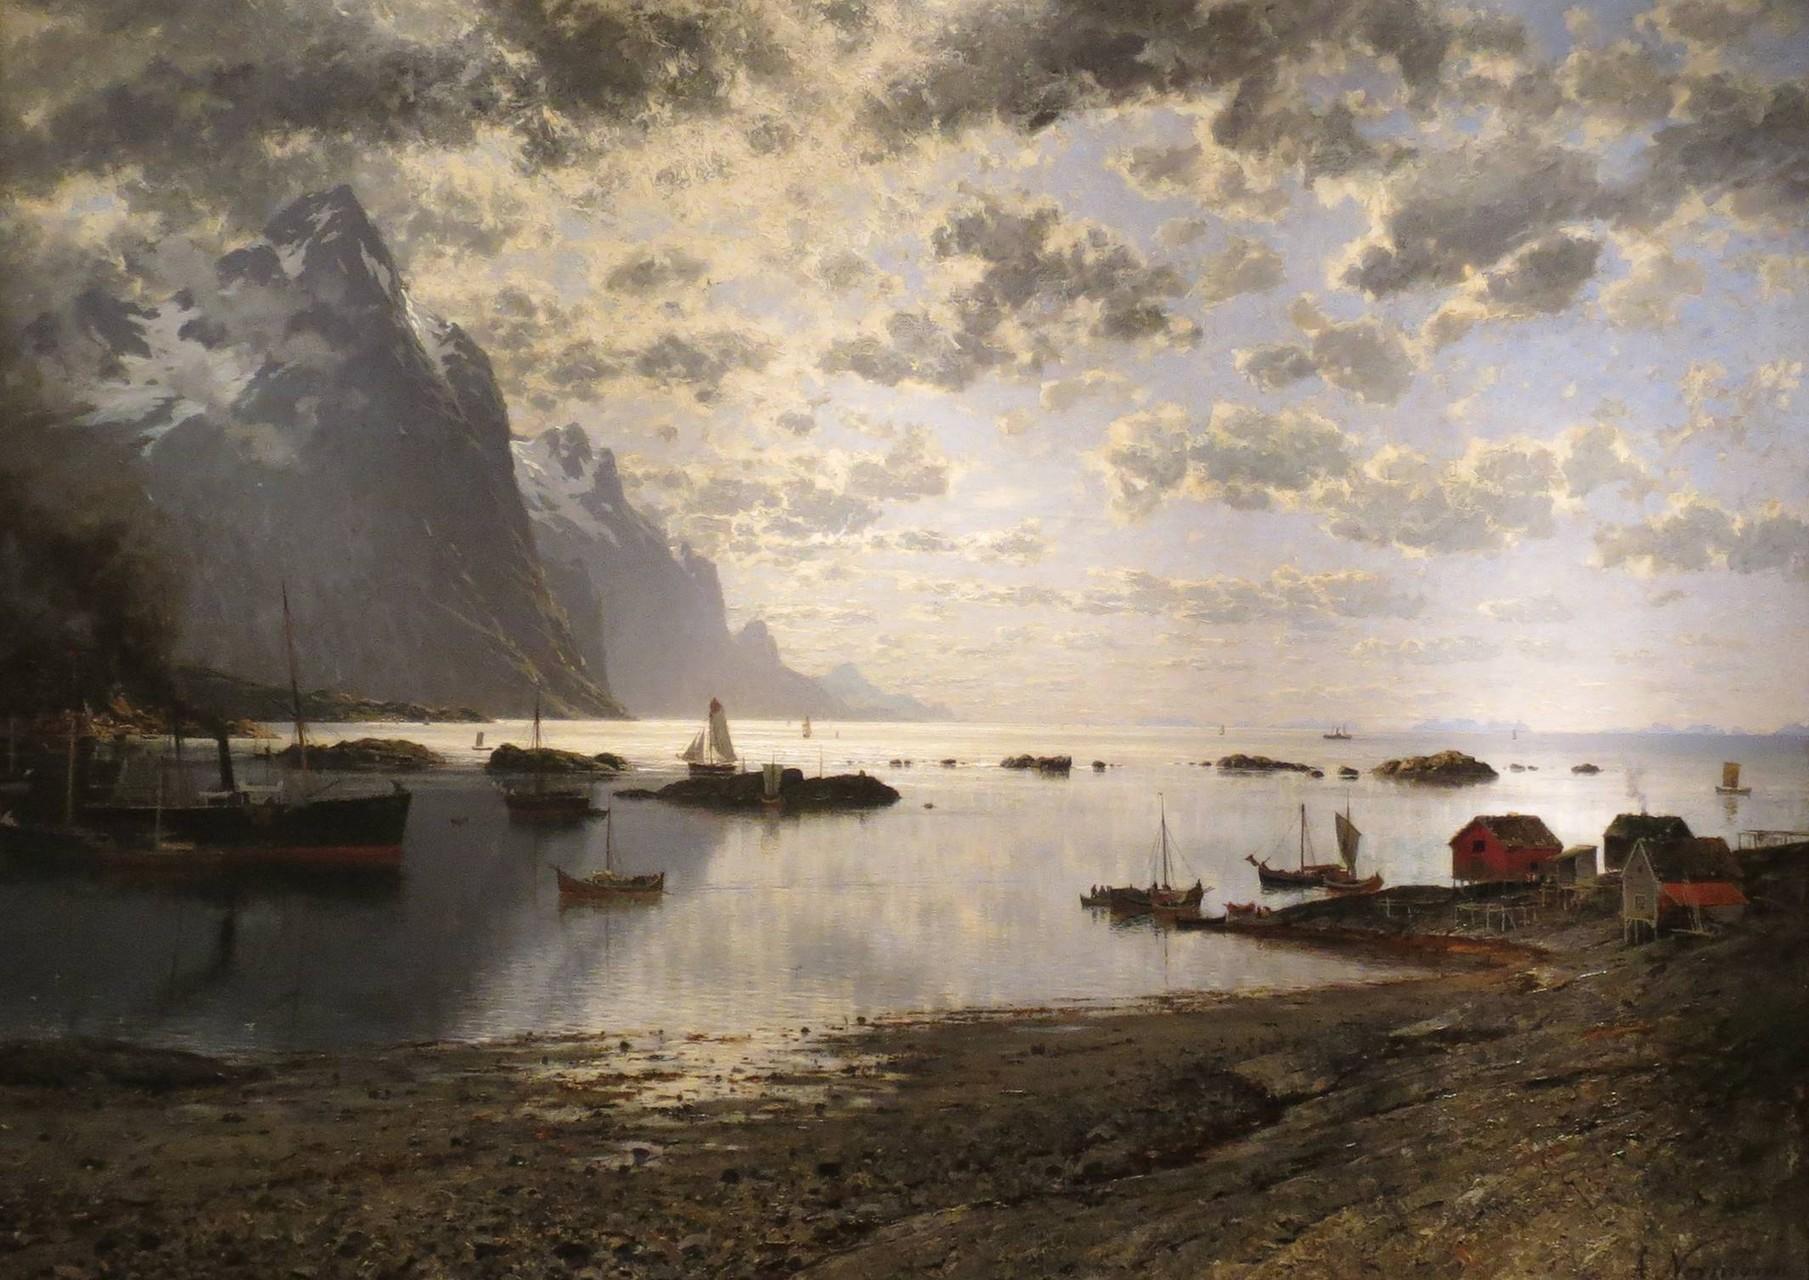 Außerdem standen noch zwei Museen auf dem Besuchsplan: zuerst das Nordnorsk Kunstmuseum mit dramatisch beleuchteten Szenerien ...